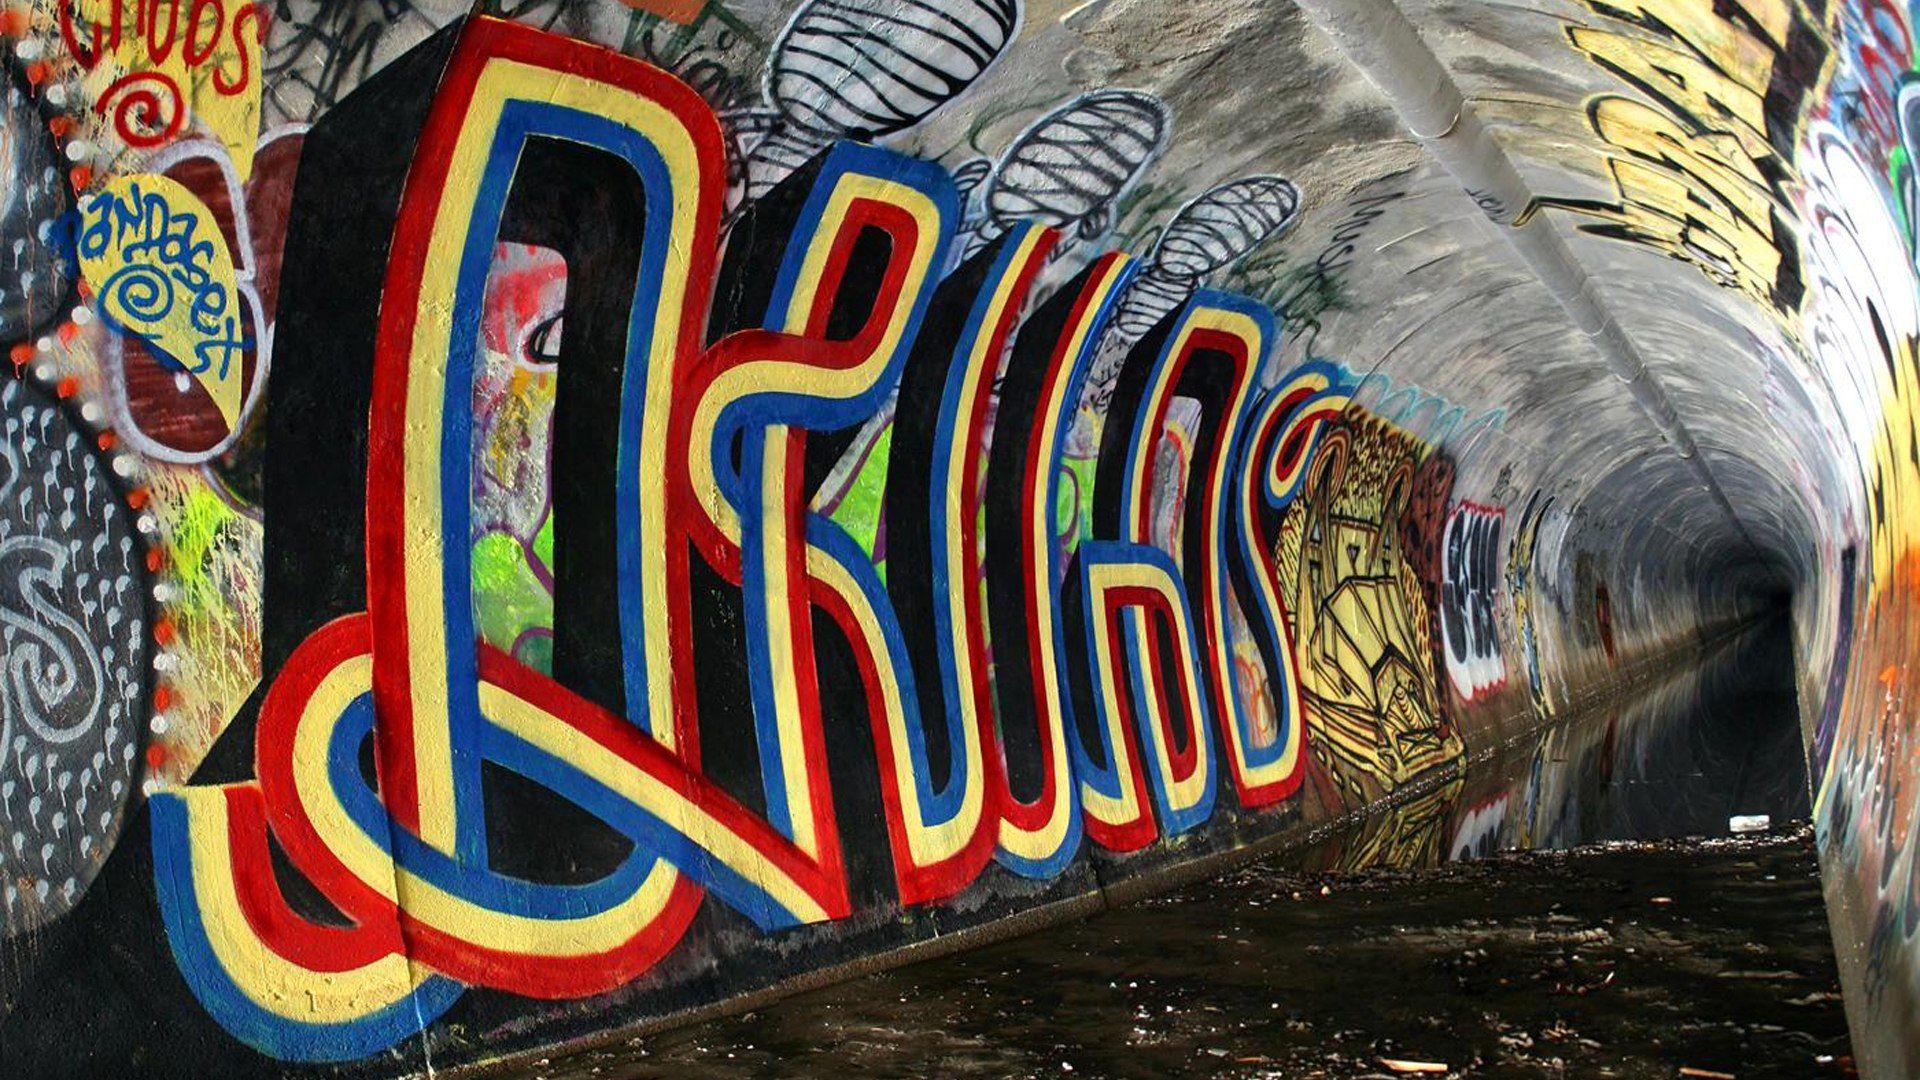 Full hd p graffiti wallpapers hd desktop backgrounds hd graffiti hd wallpapers and backgrounds wallpaper graffiti wallpapers voltagebd Image collections